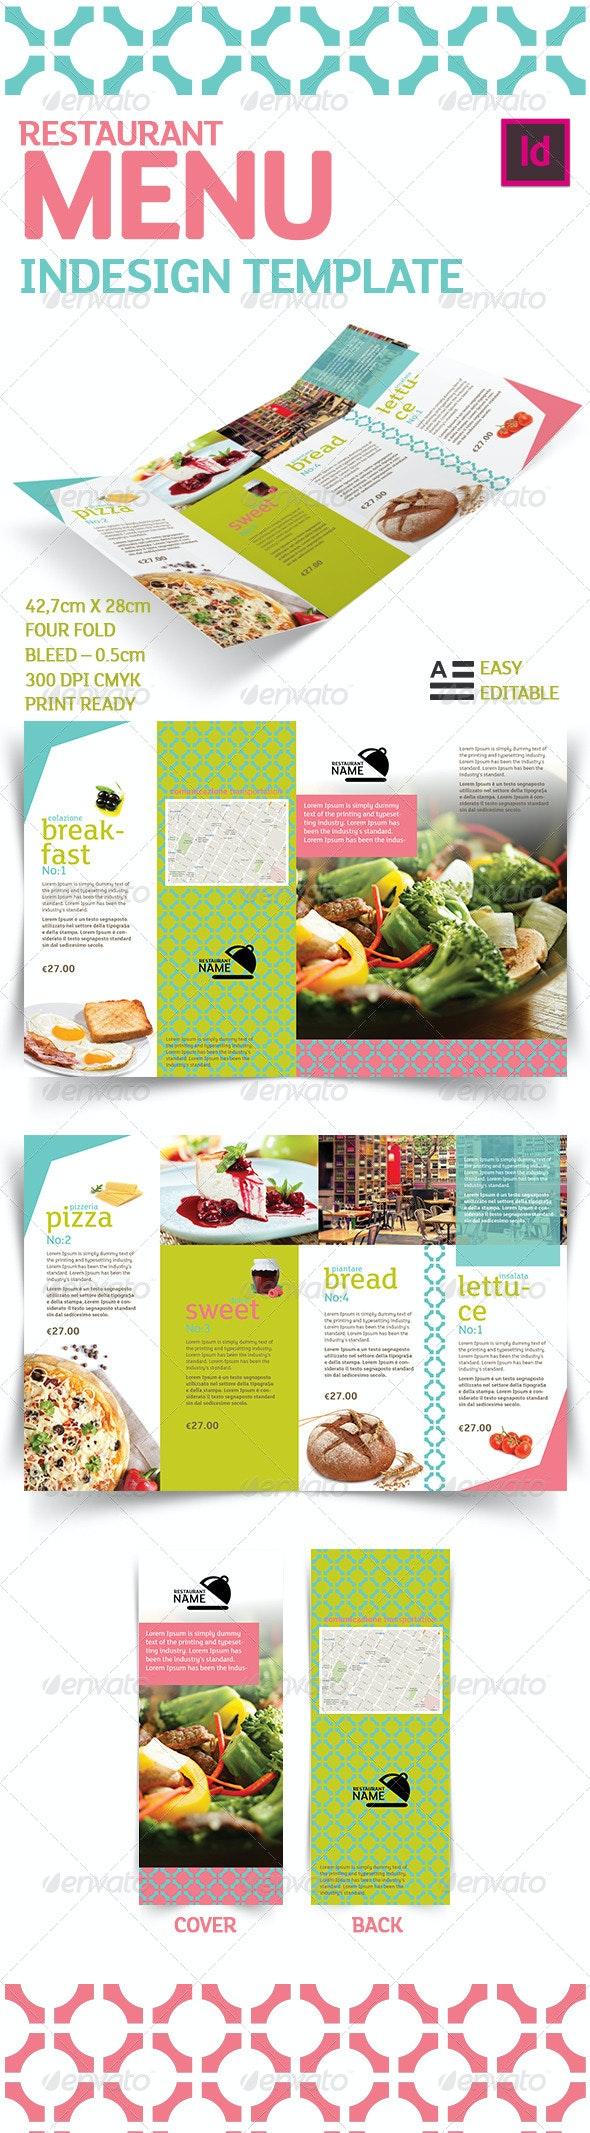 Restaurant Menu Indesign Template - Food Menus Print Templates